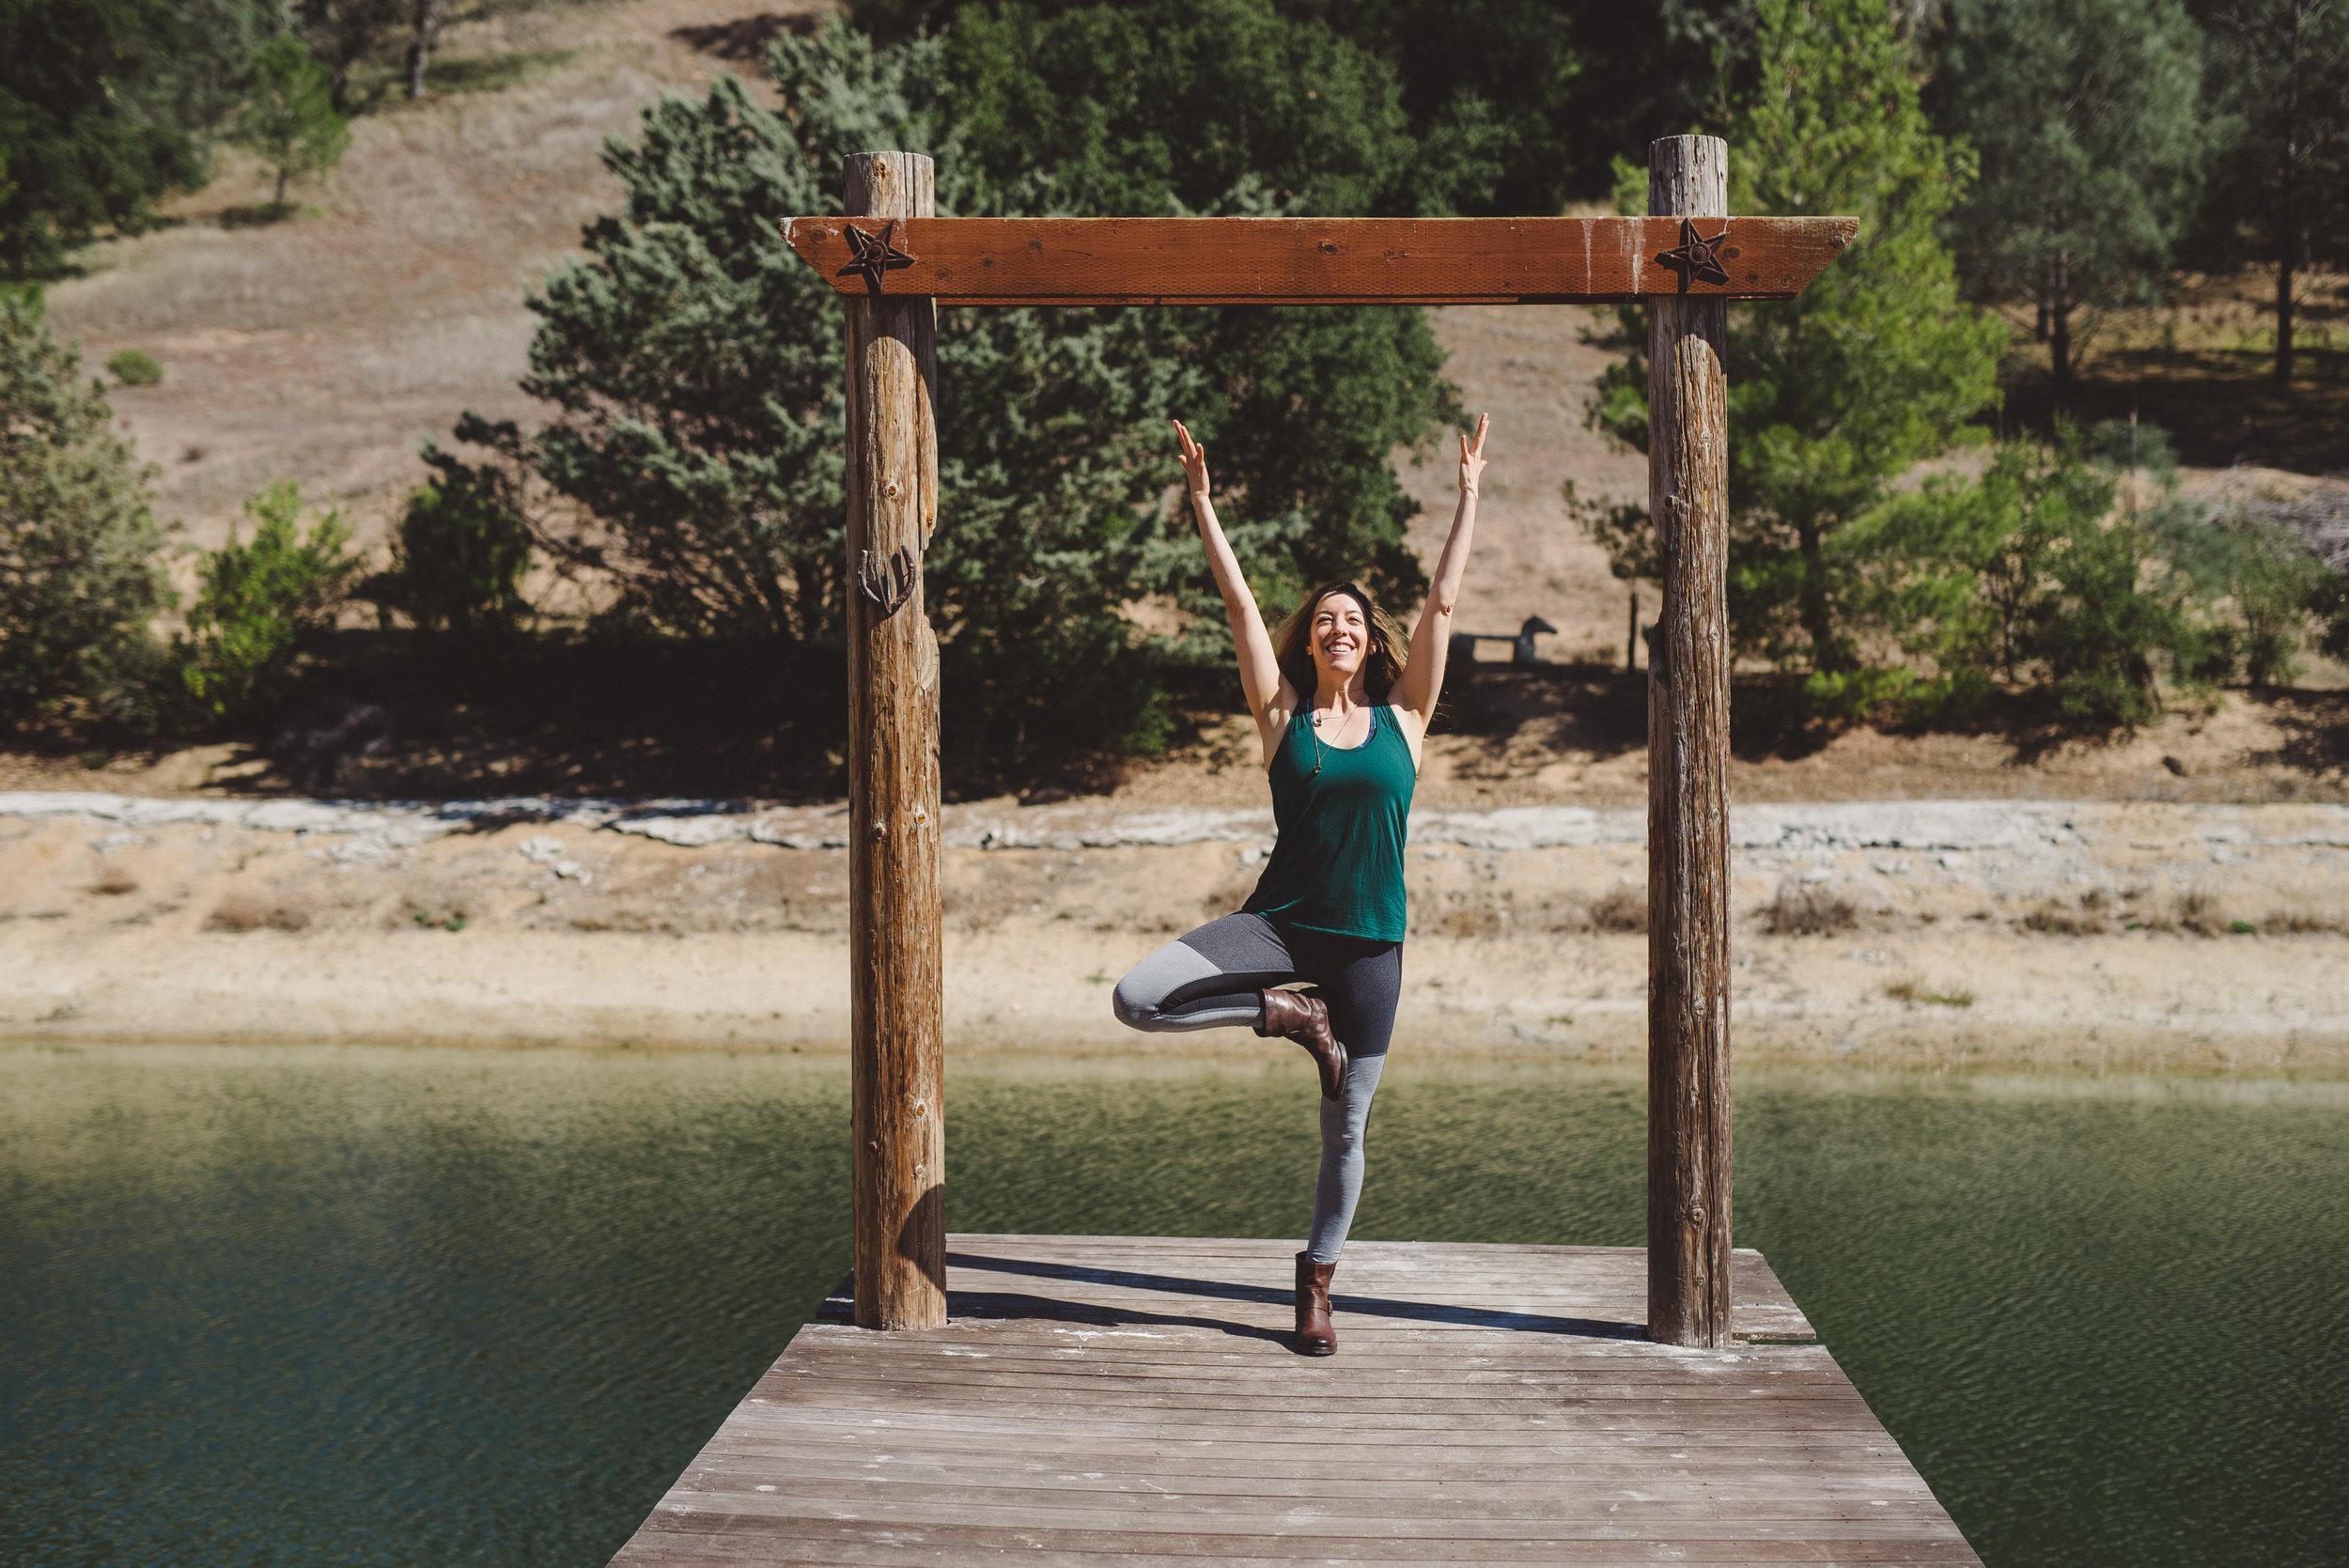 Nicole_Yoga (31 of 32).jpg